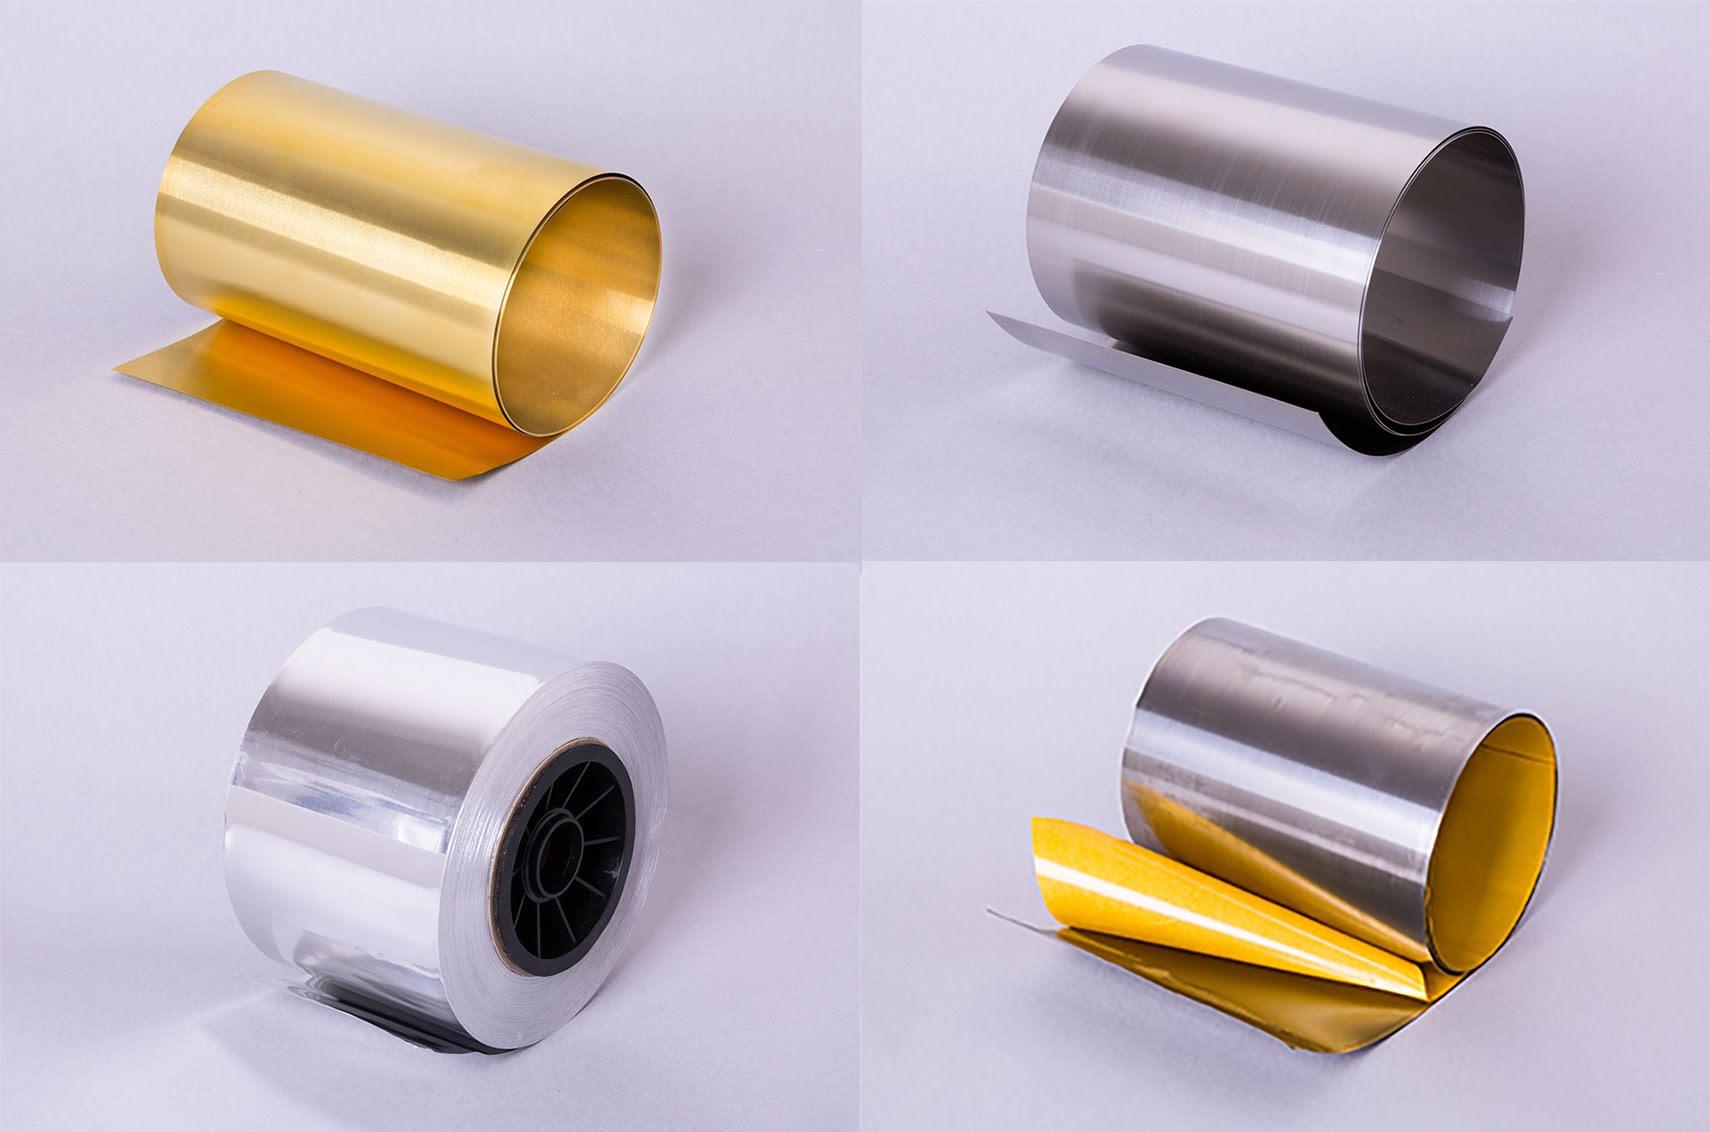 Tunnplåt i mässing, stål, aluminium, självhäftande plåt